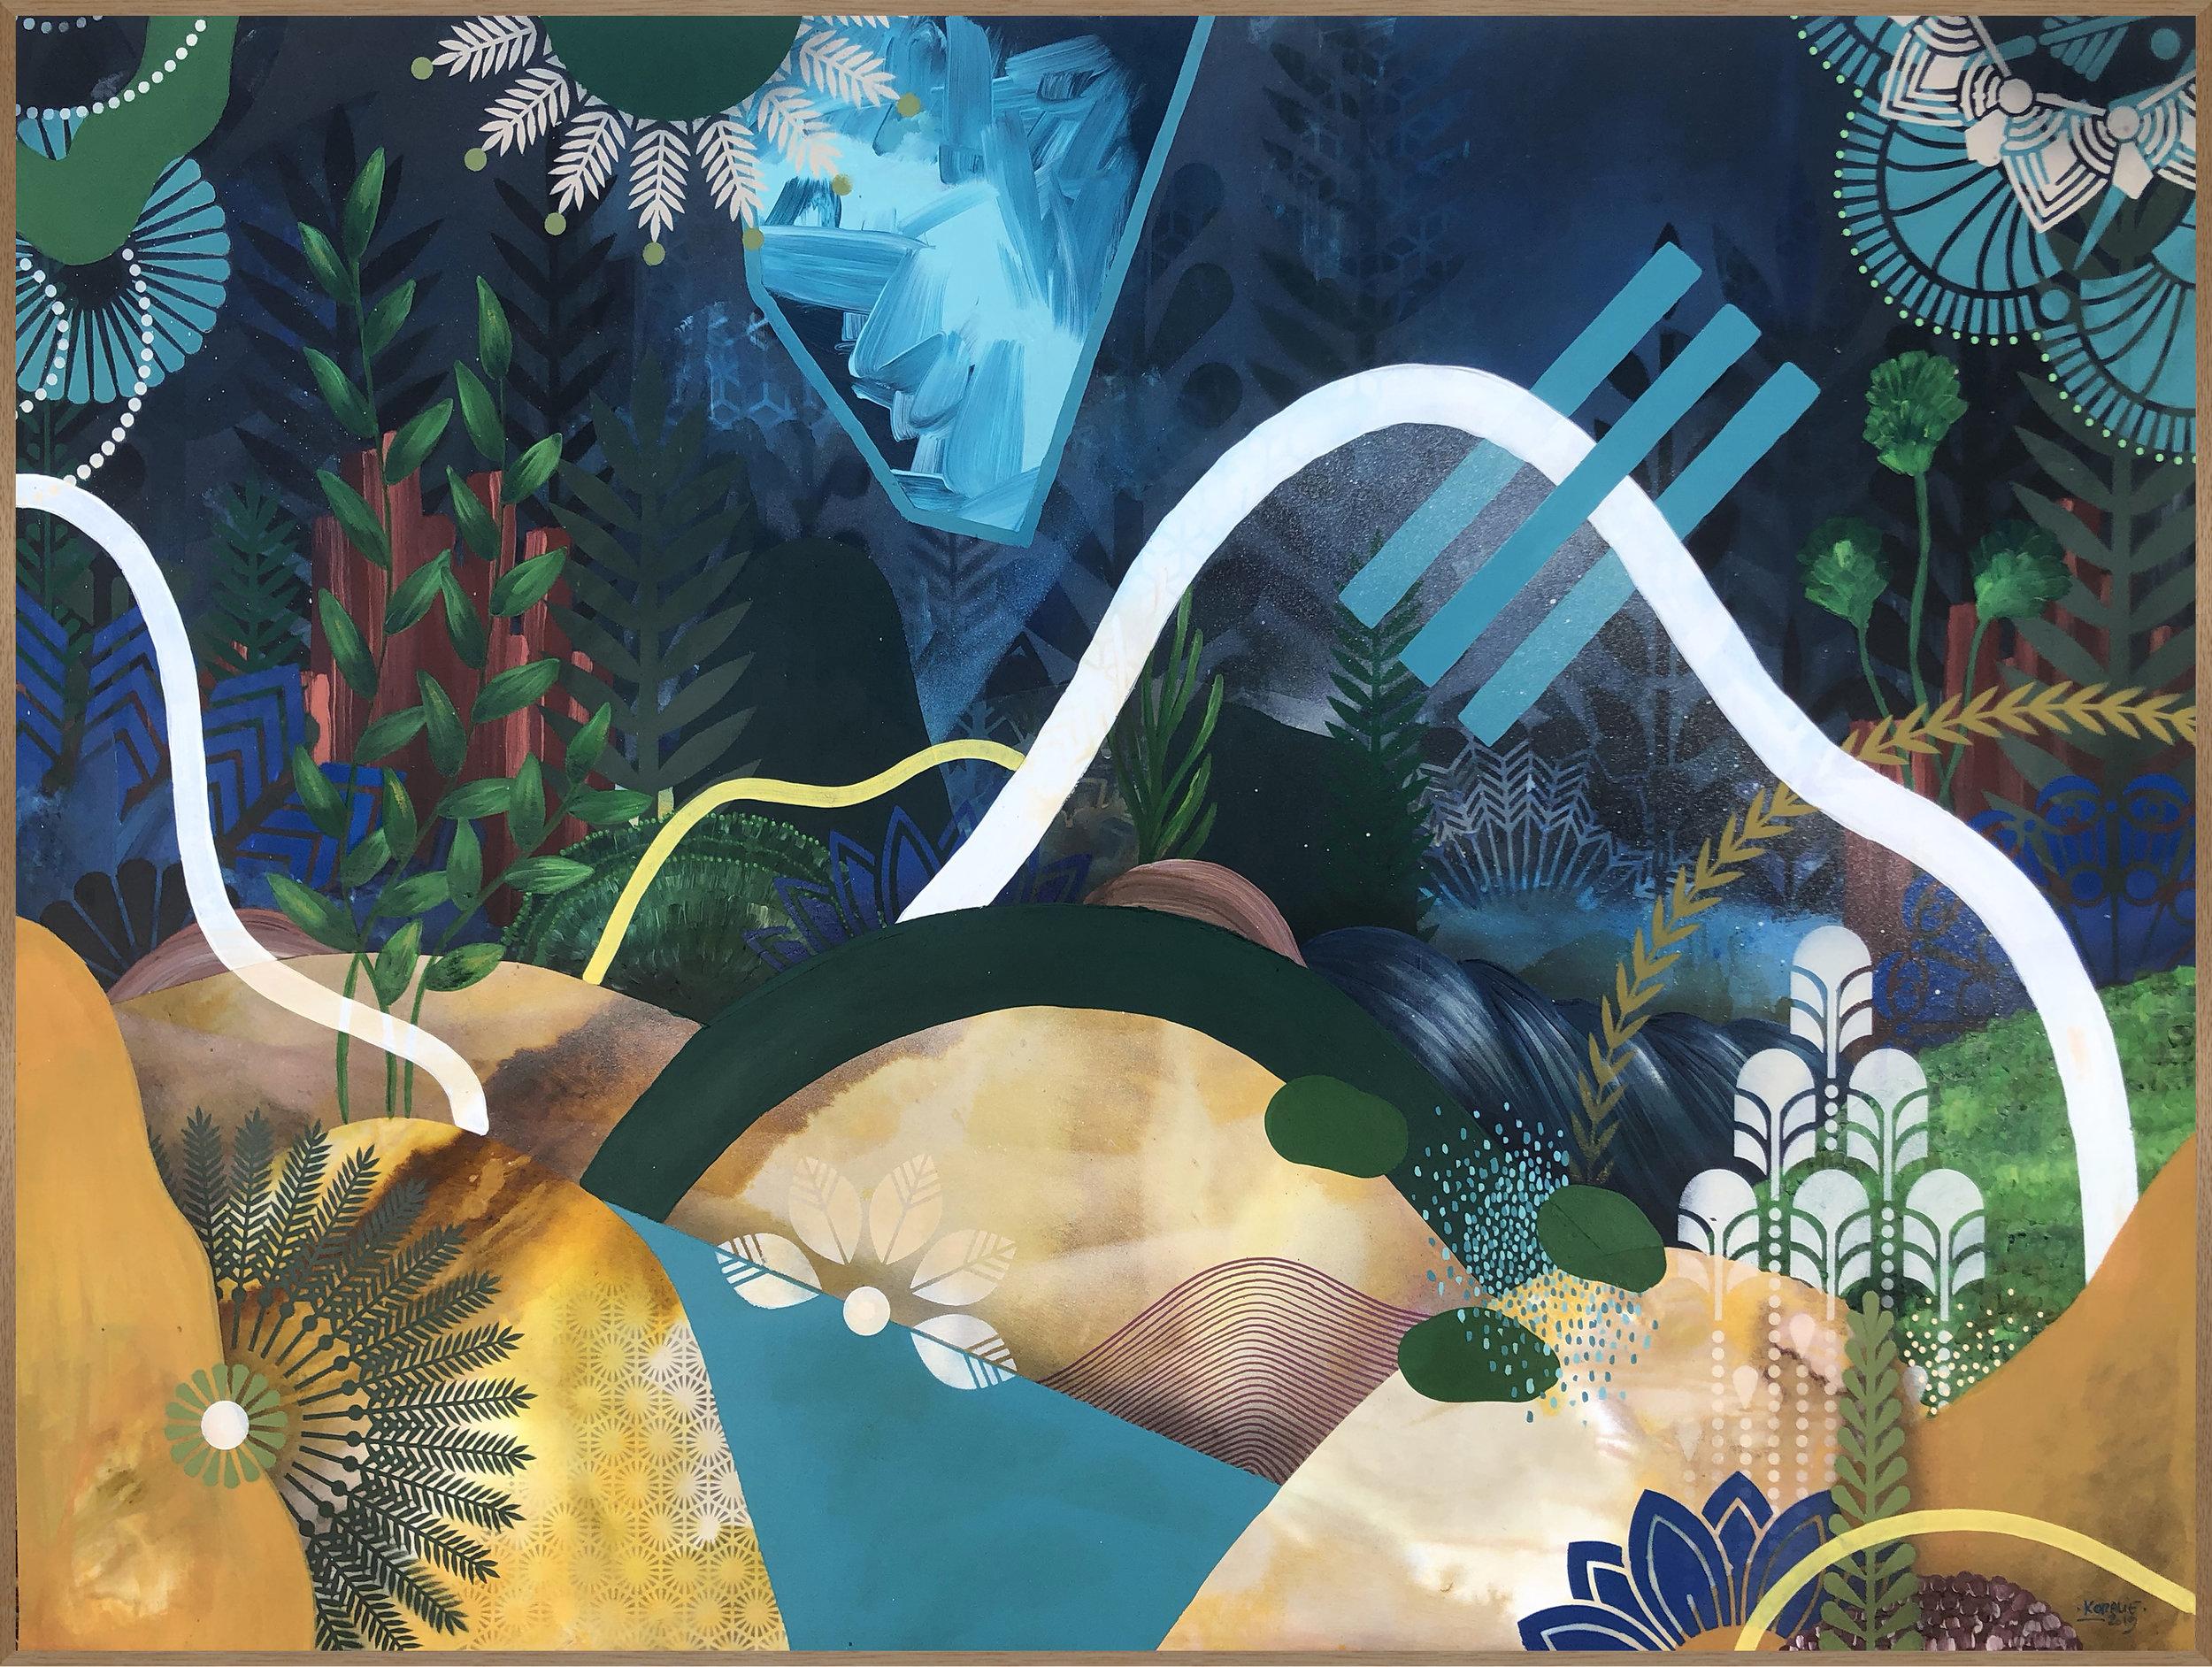 Acclimatation IV  - Acrylic, oil and ink on canvas, 100 x 73 cm | 2019